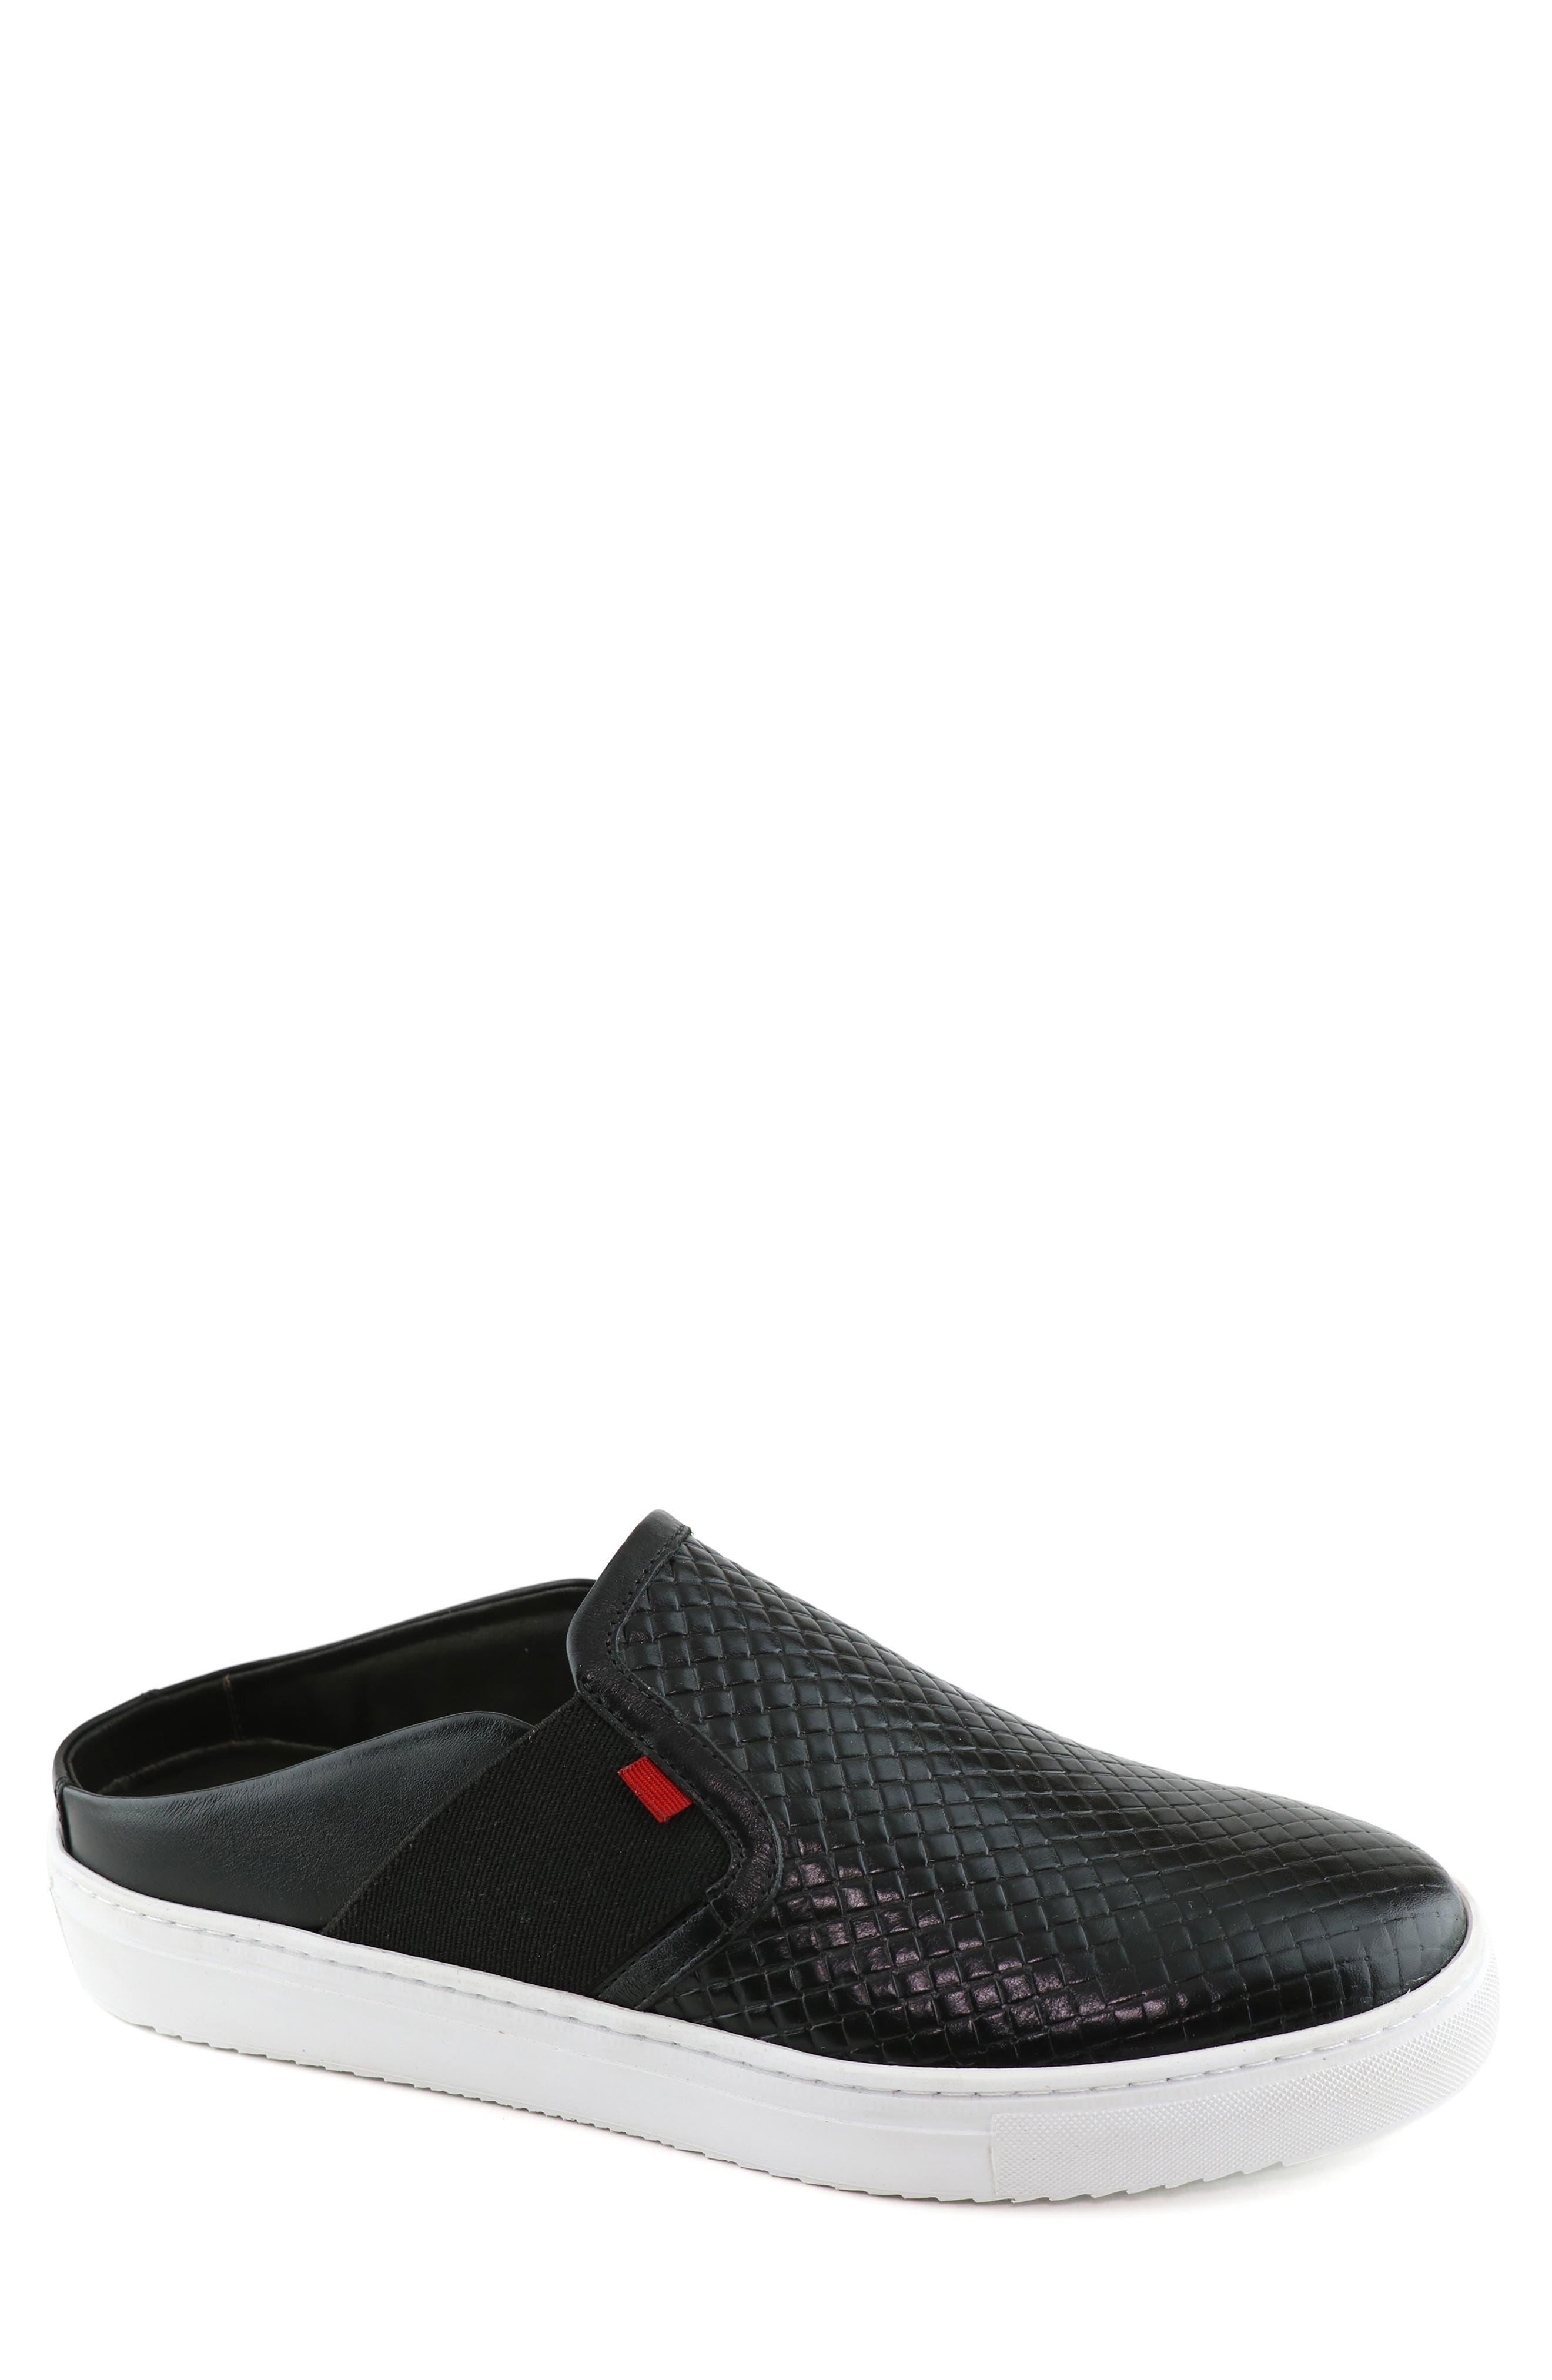 Austin Ave Mule Sneaker